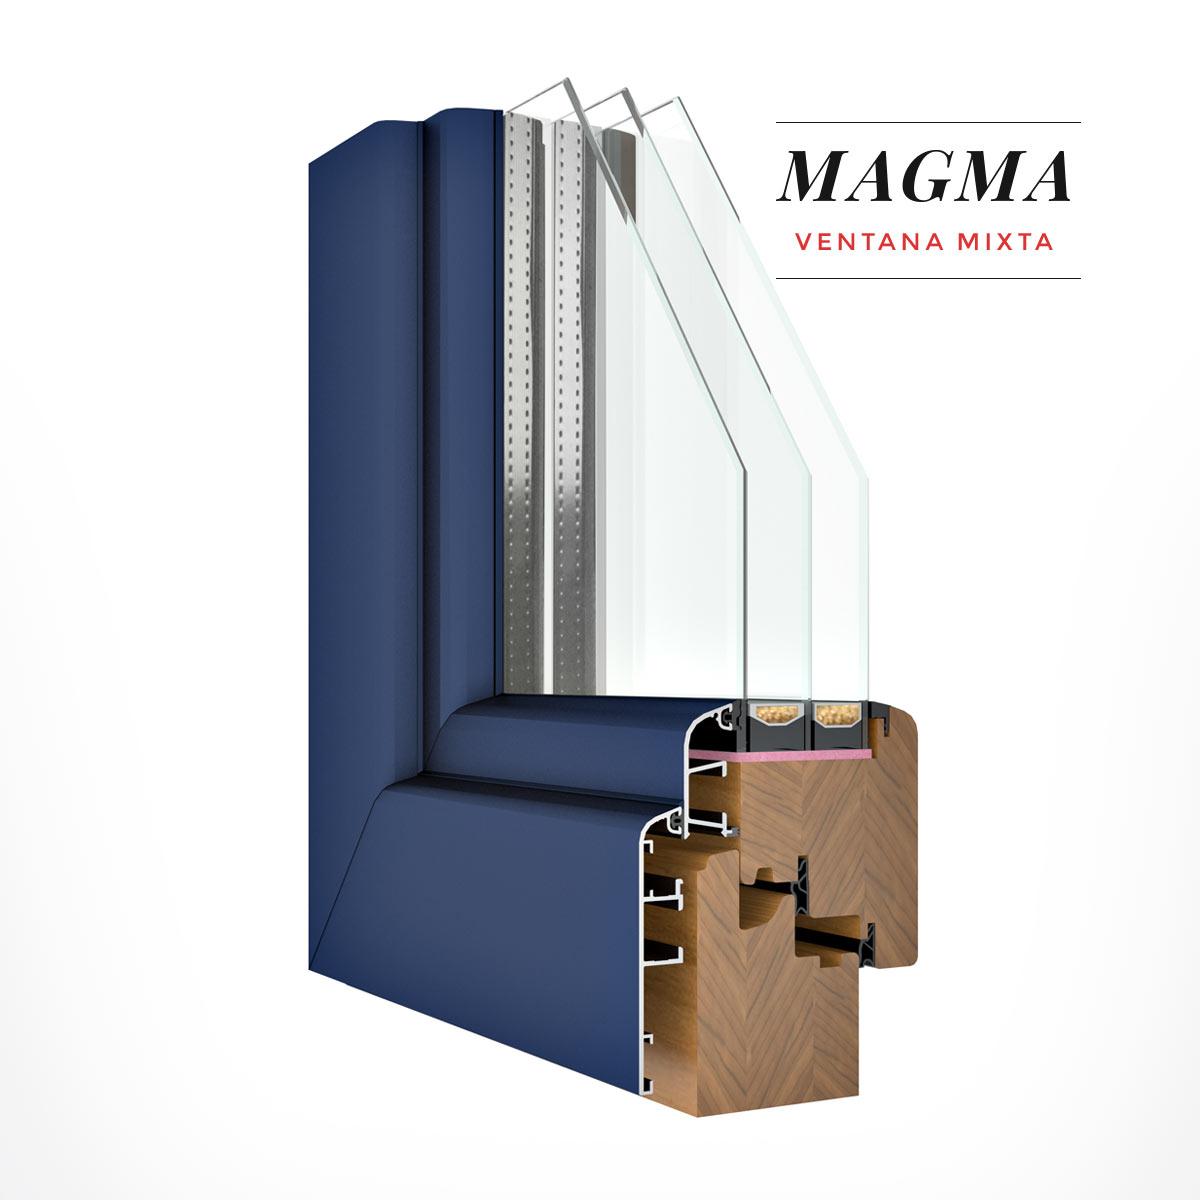 Carreté Finestres - finestra de fusta i alumini de color blau - Finestres mixtes Magma